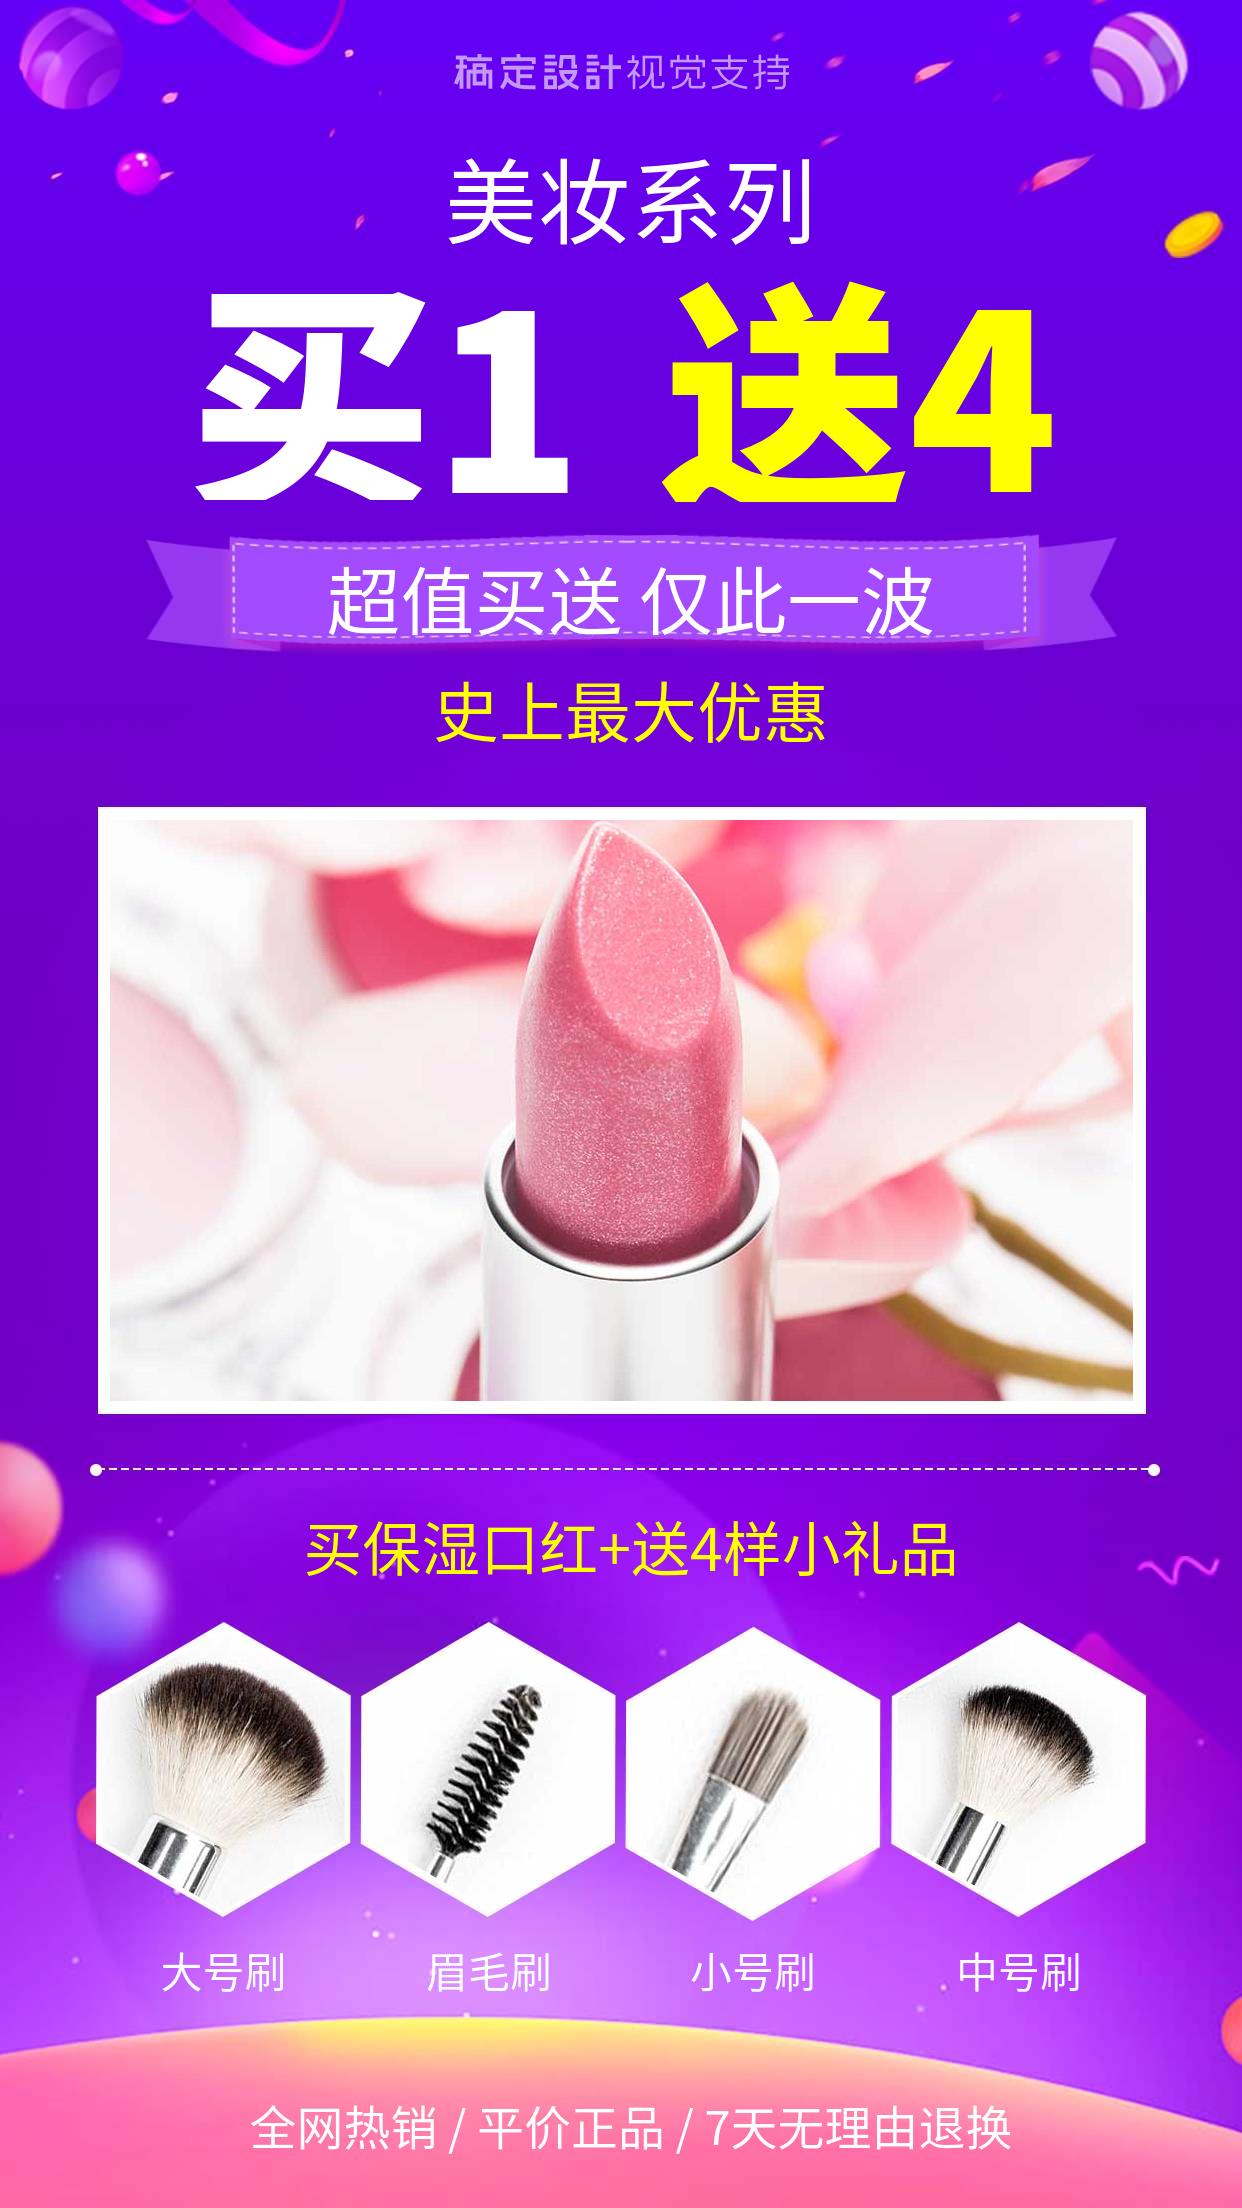 奢华时尚史上最大优惠美妆促销